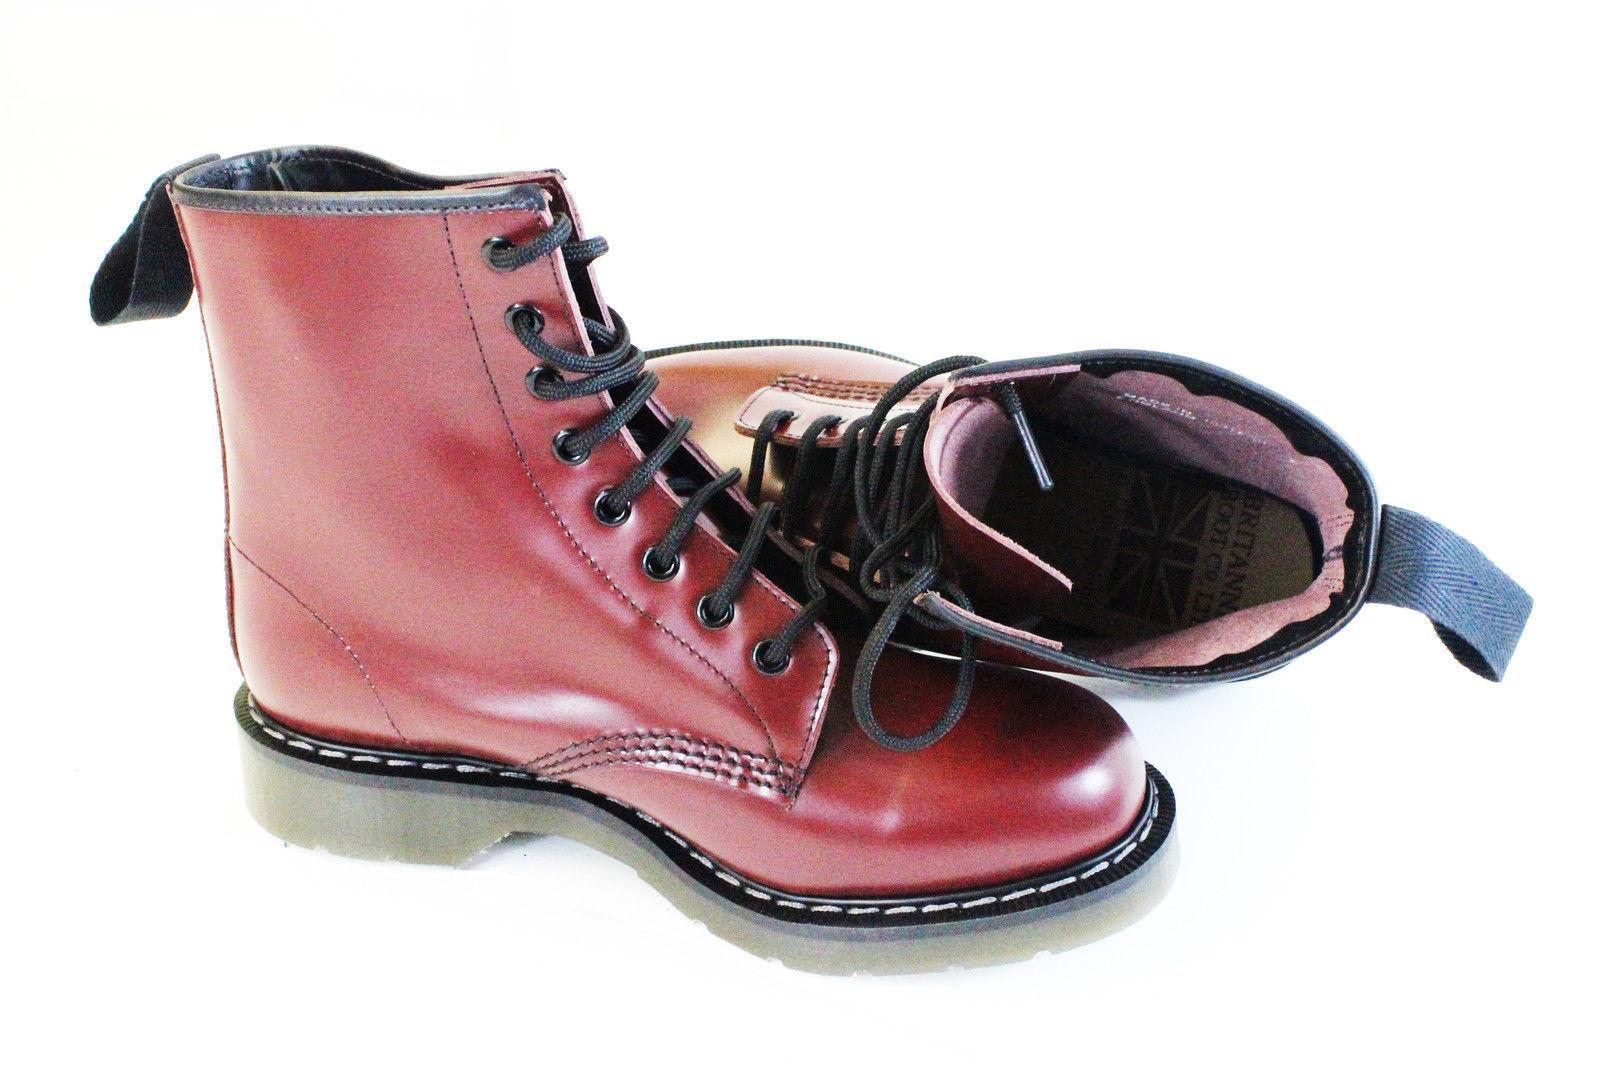 NORTHAMPTON MADE cherry air-cushion red 8 eye non-safety air-cushion cherry sole boot 7-11 b8509d